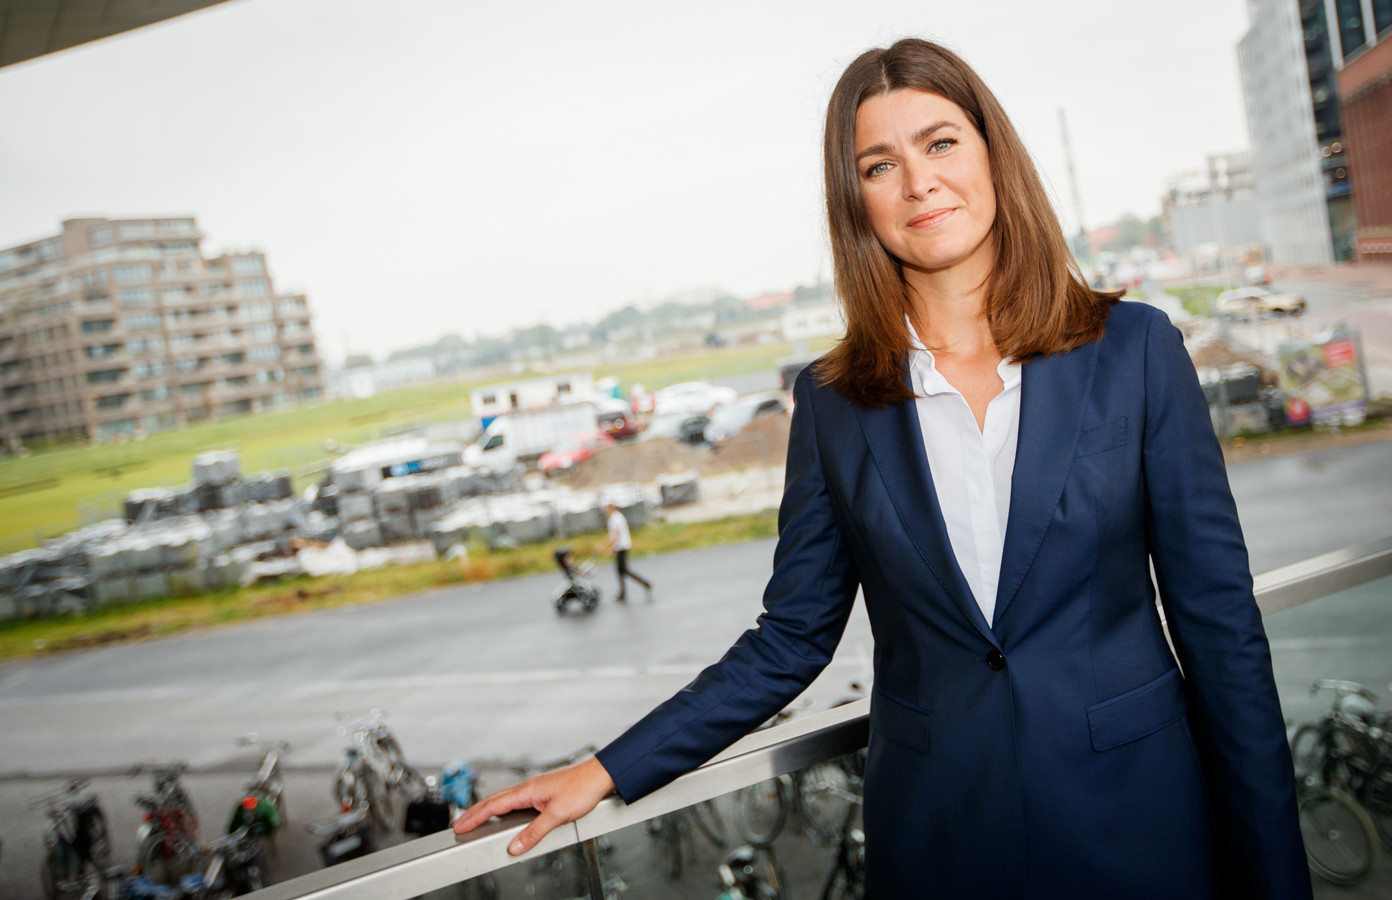 Nieuwslezeres Merel Westrik vertrekt eind deze maand bij RTL Nieuws. Ze gaat vanaf half oktober een wekelijkse talkshow presenteren op Net 5, maakt Talpa donderdag bekend. Op welke dag of welk tijdstip de talkshow wordt uitgezonden is nog niet bekend.